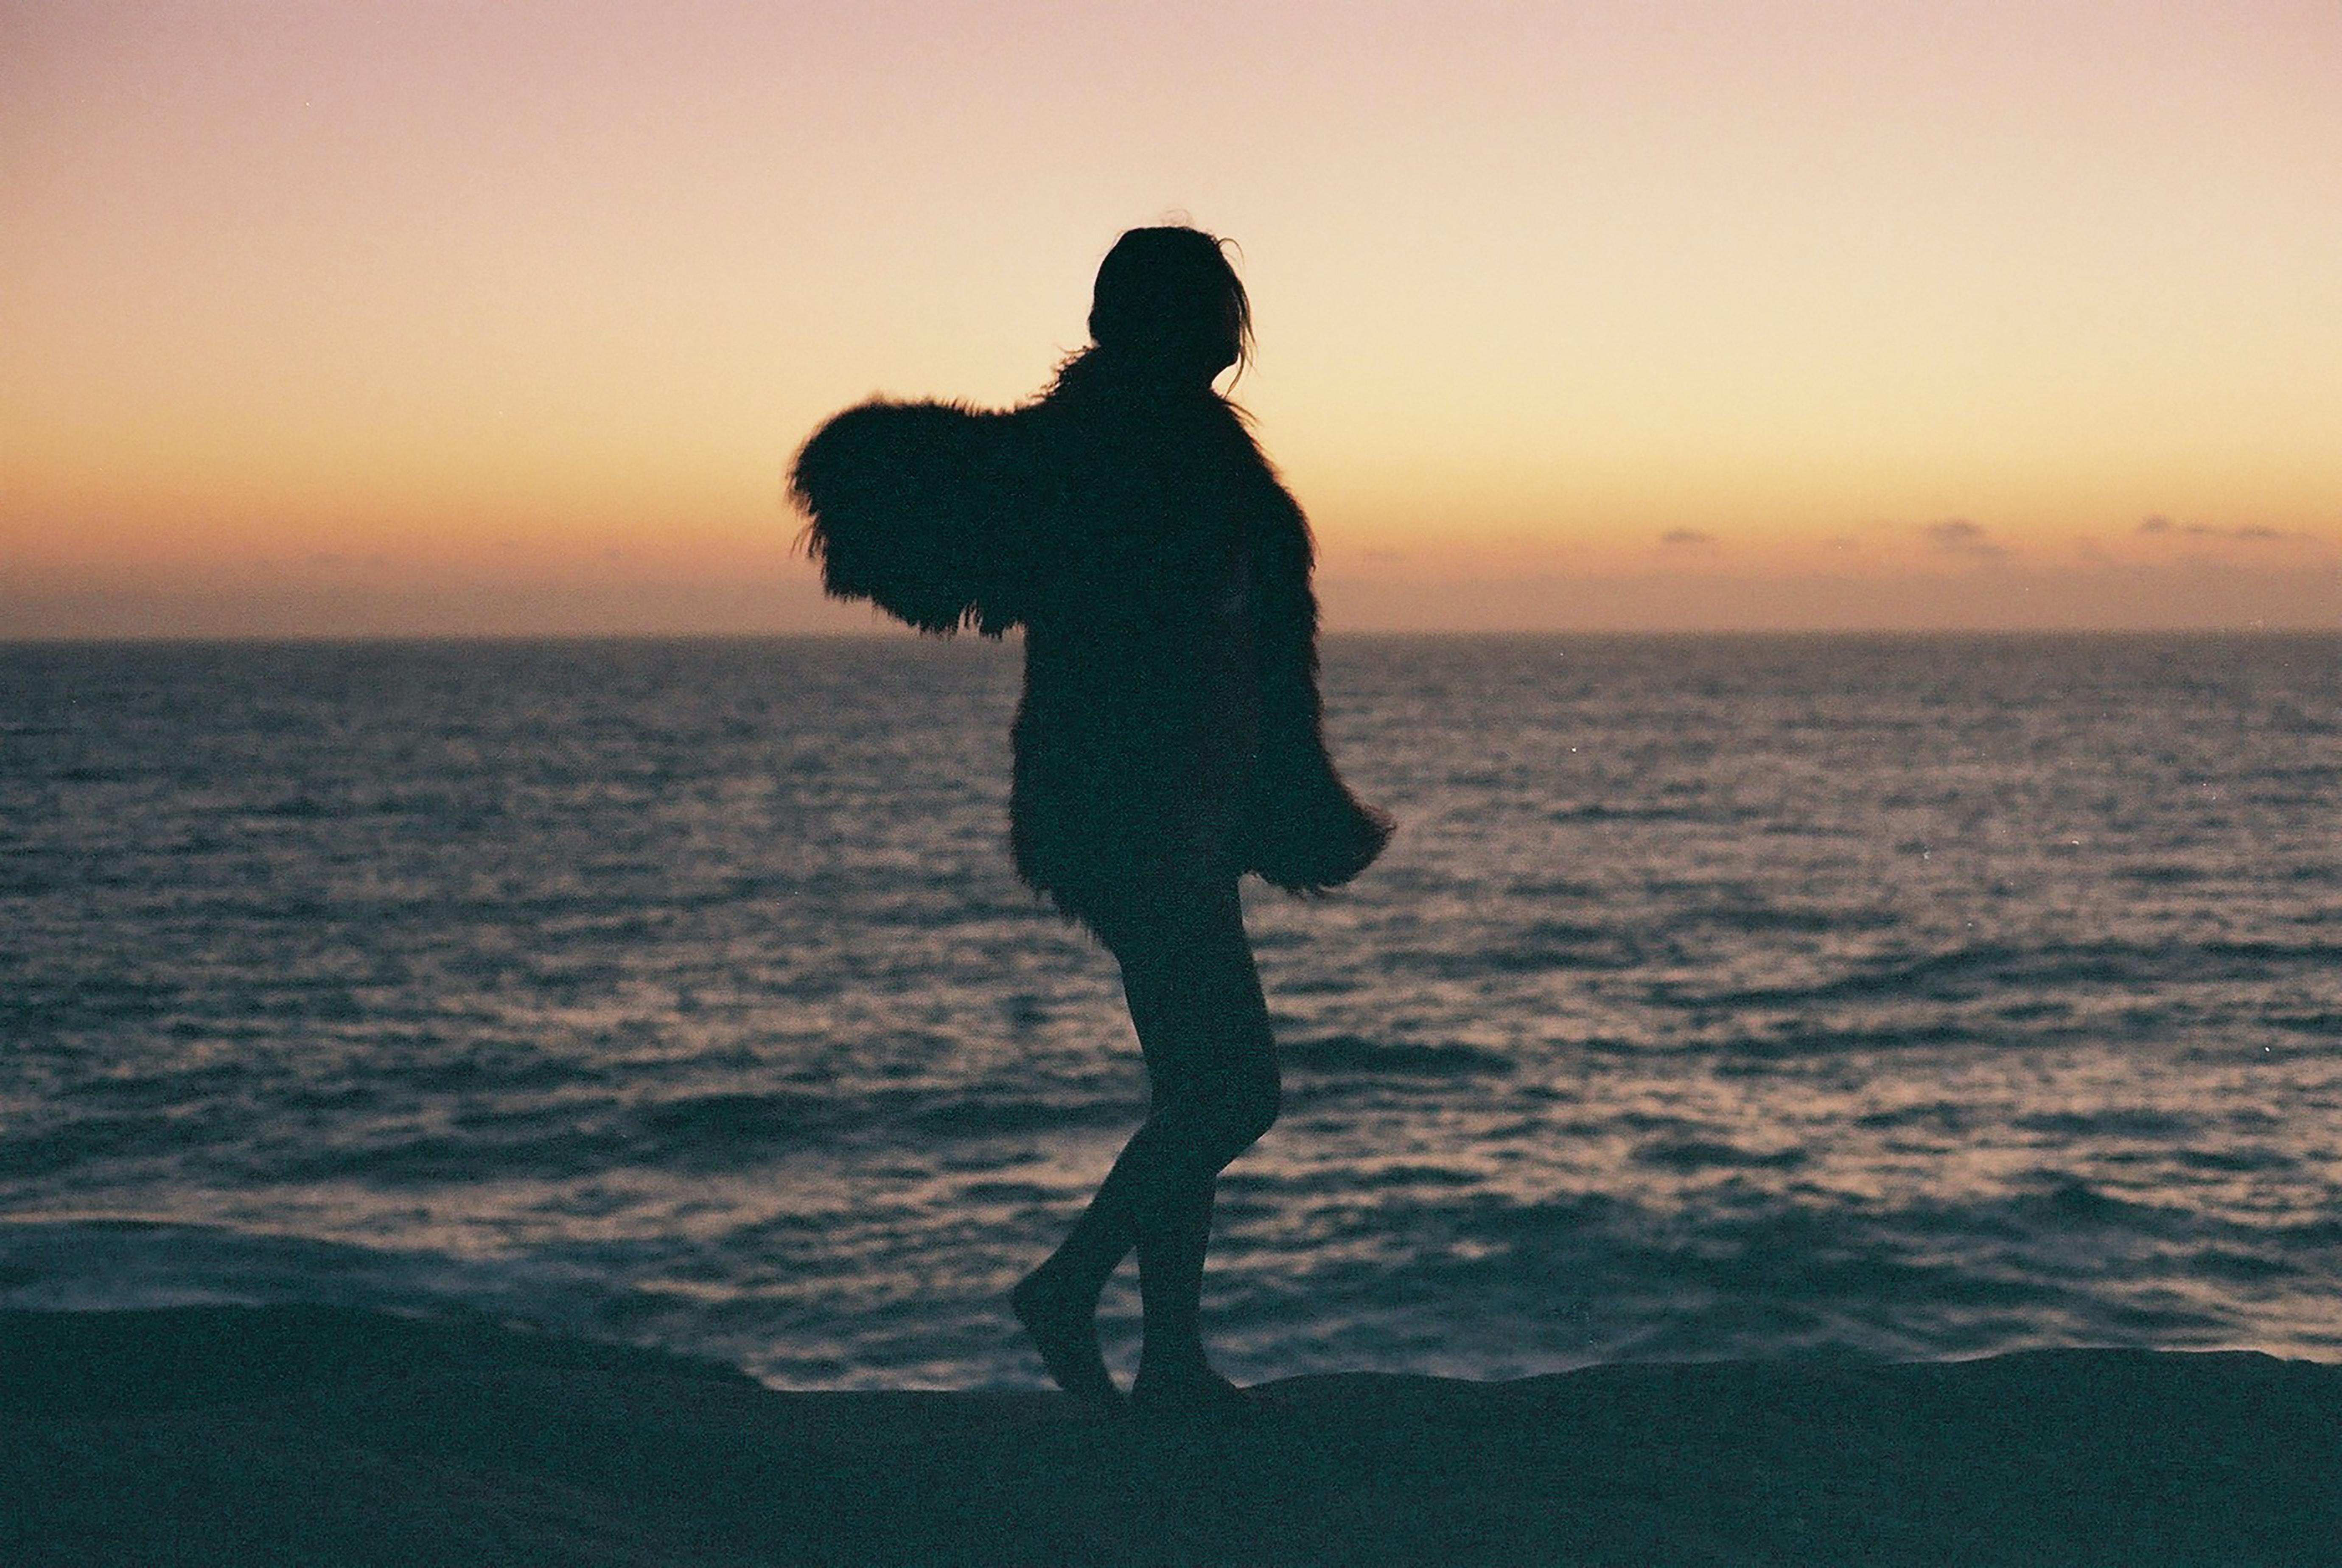 silhouette of person standing near seashore